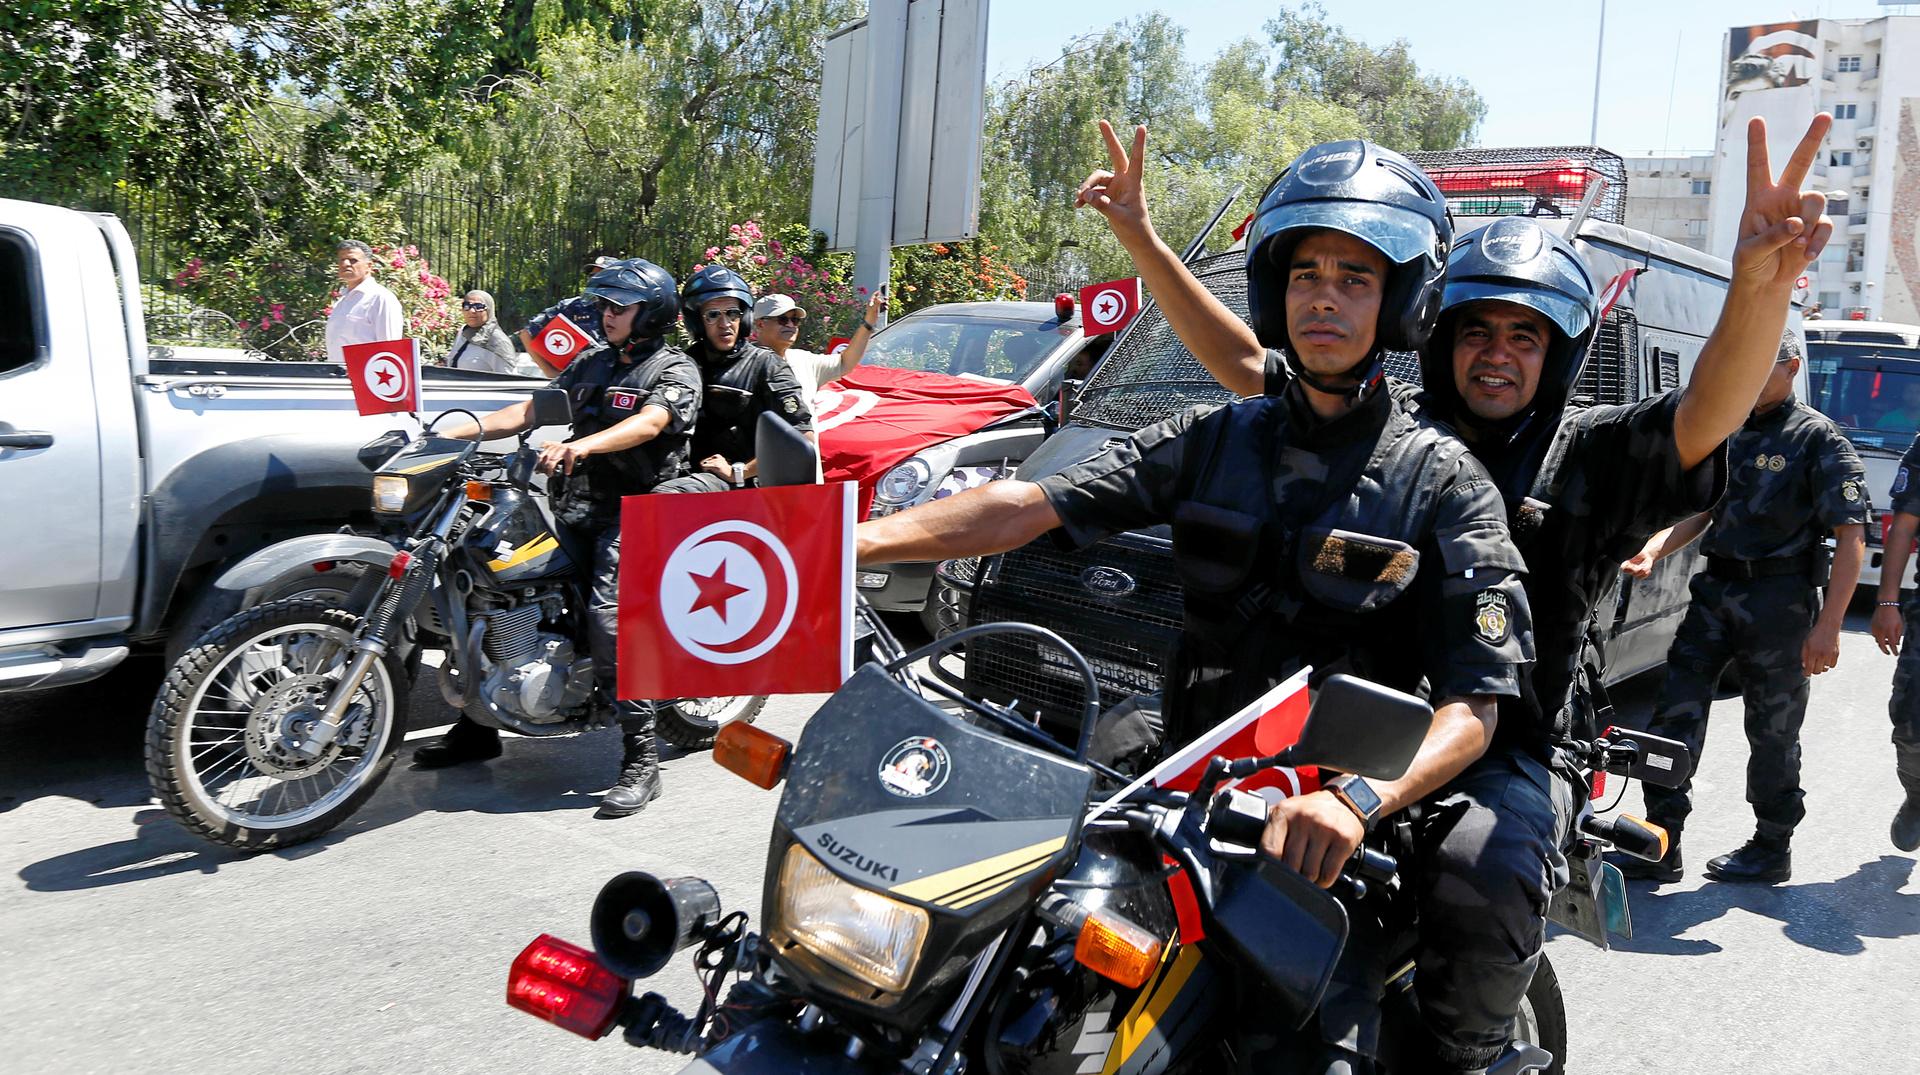 الأمن التونسي ينجح في تفكيك خلية تكفيرية في سوسة